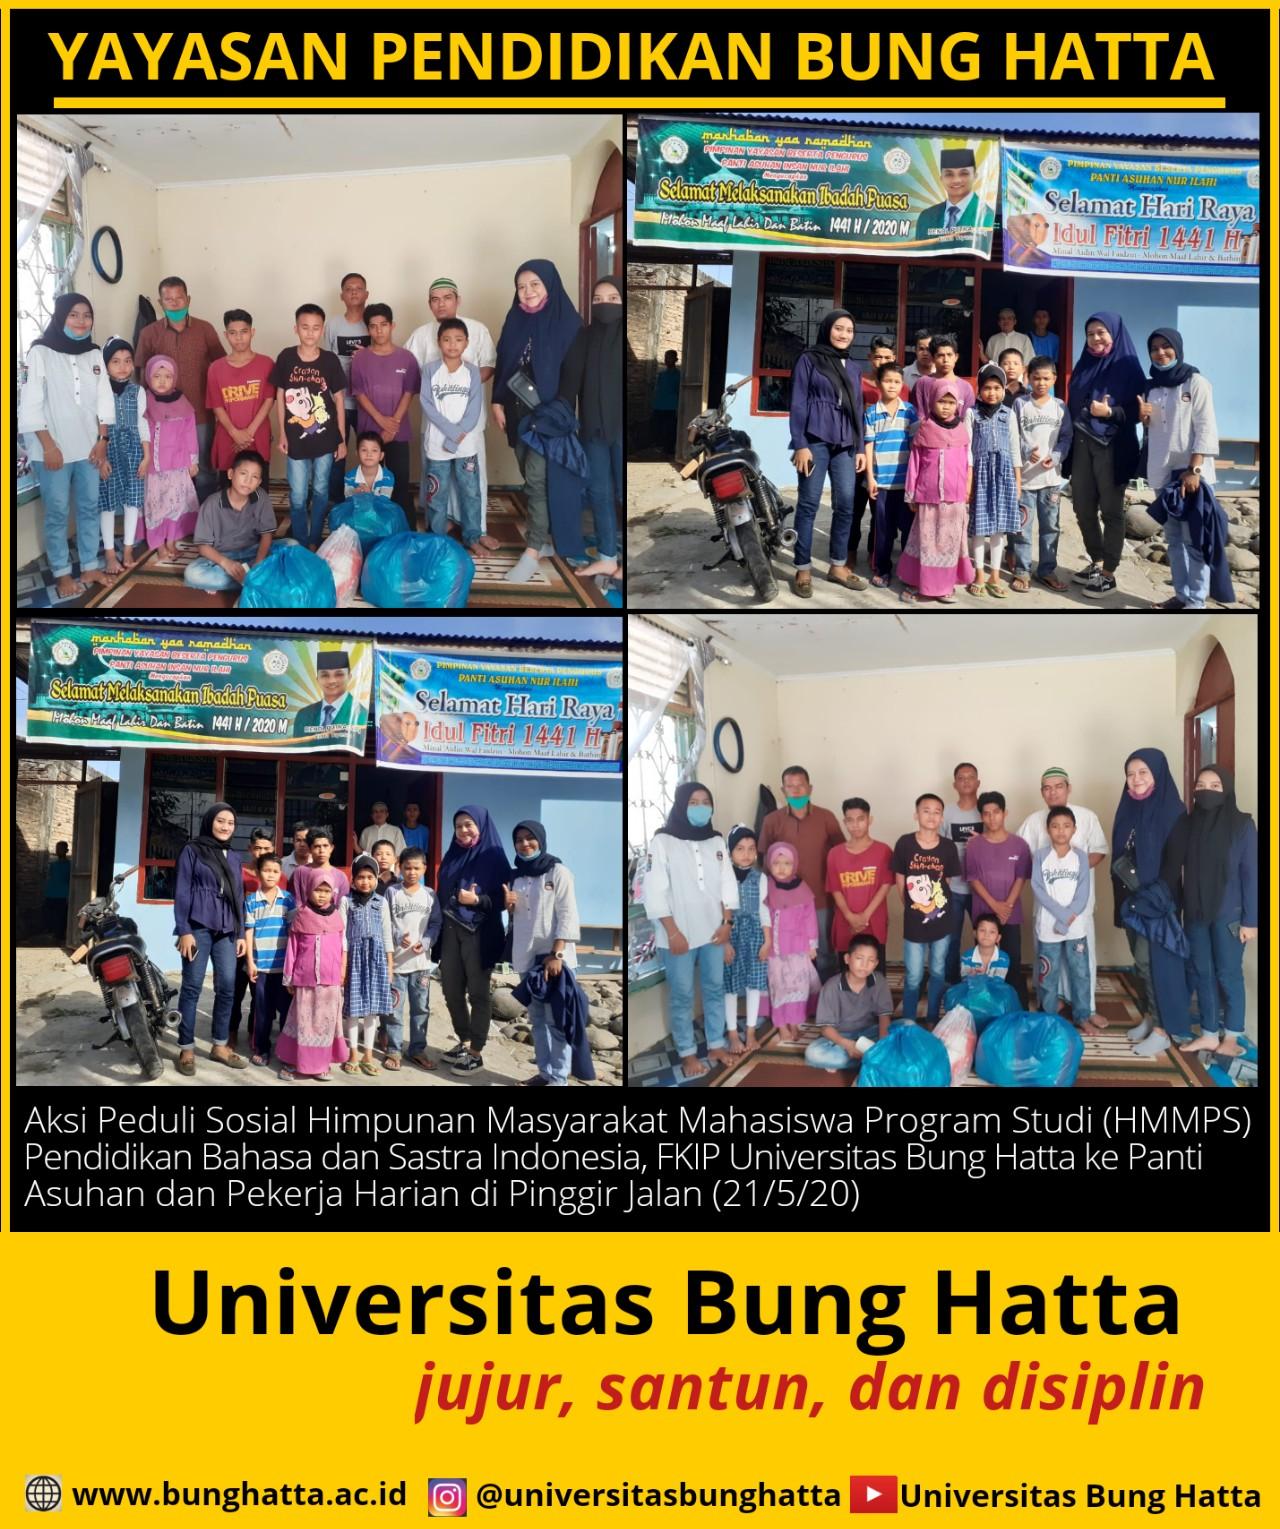 Gelar Aksi Sosial: Mahasiswa Pendidikan Bahasa dan Sastra Indonesia Universitas Bung Hatta Turun ke Jalan dan Panti Asuhan